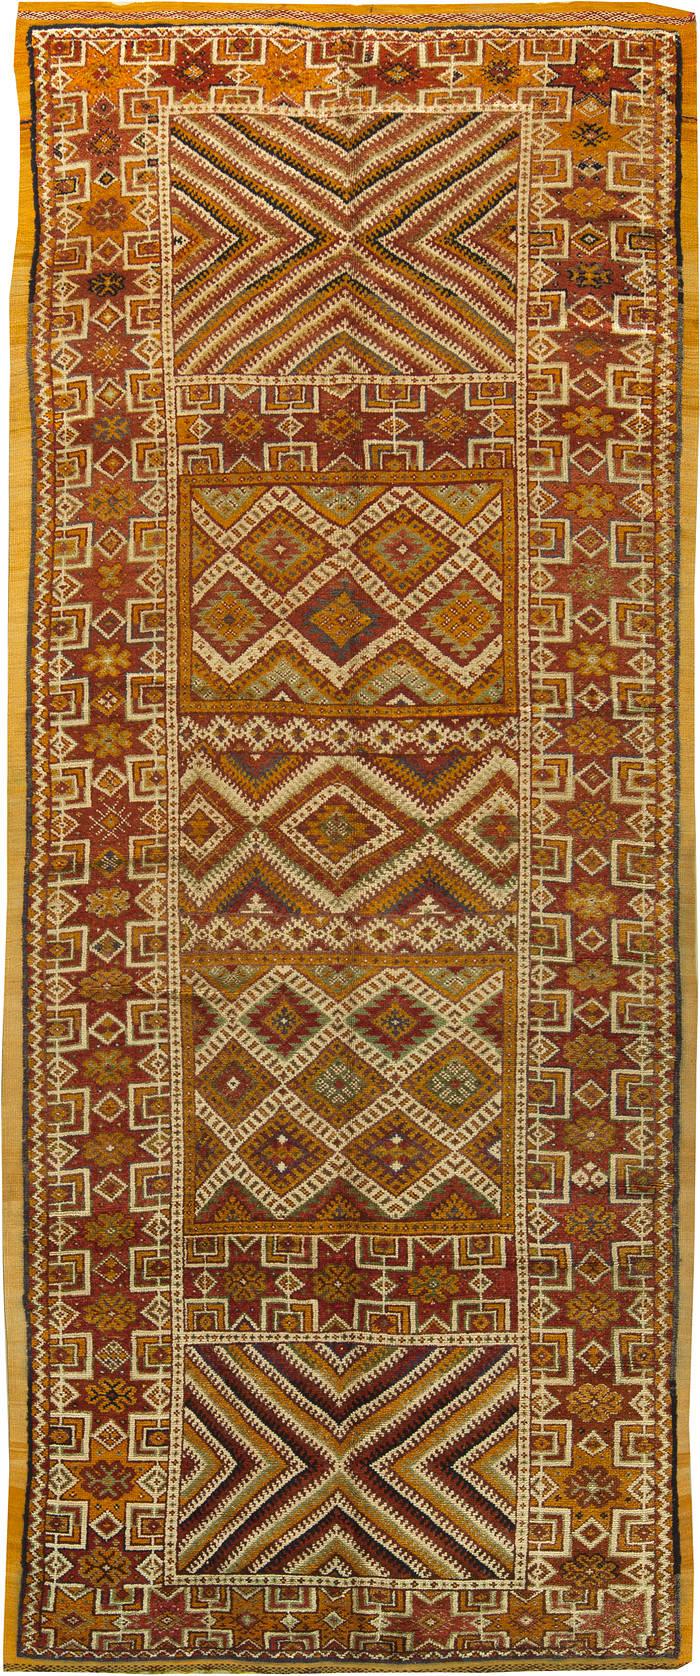 Vintage Moroccan Rug BB6164